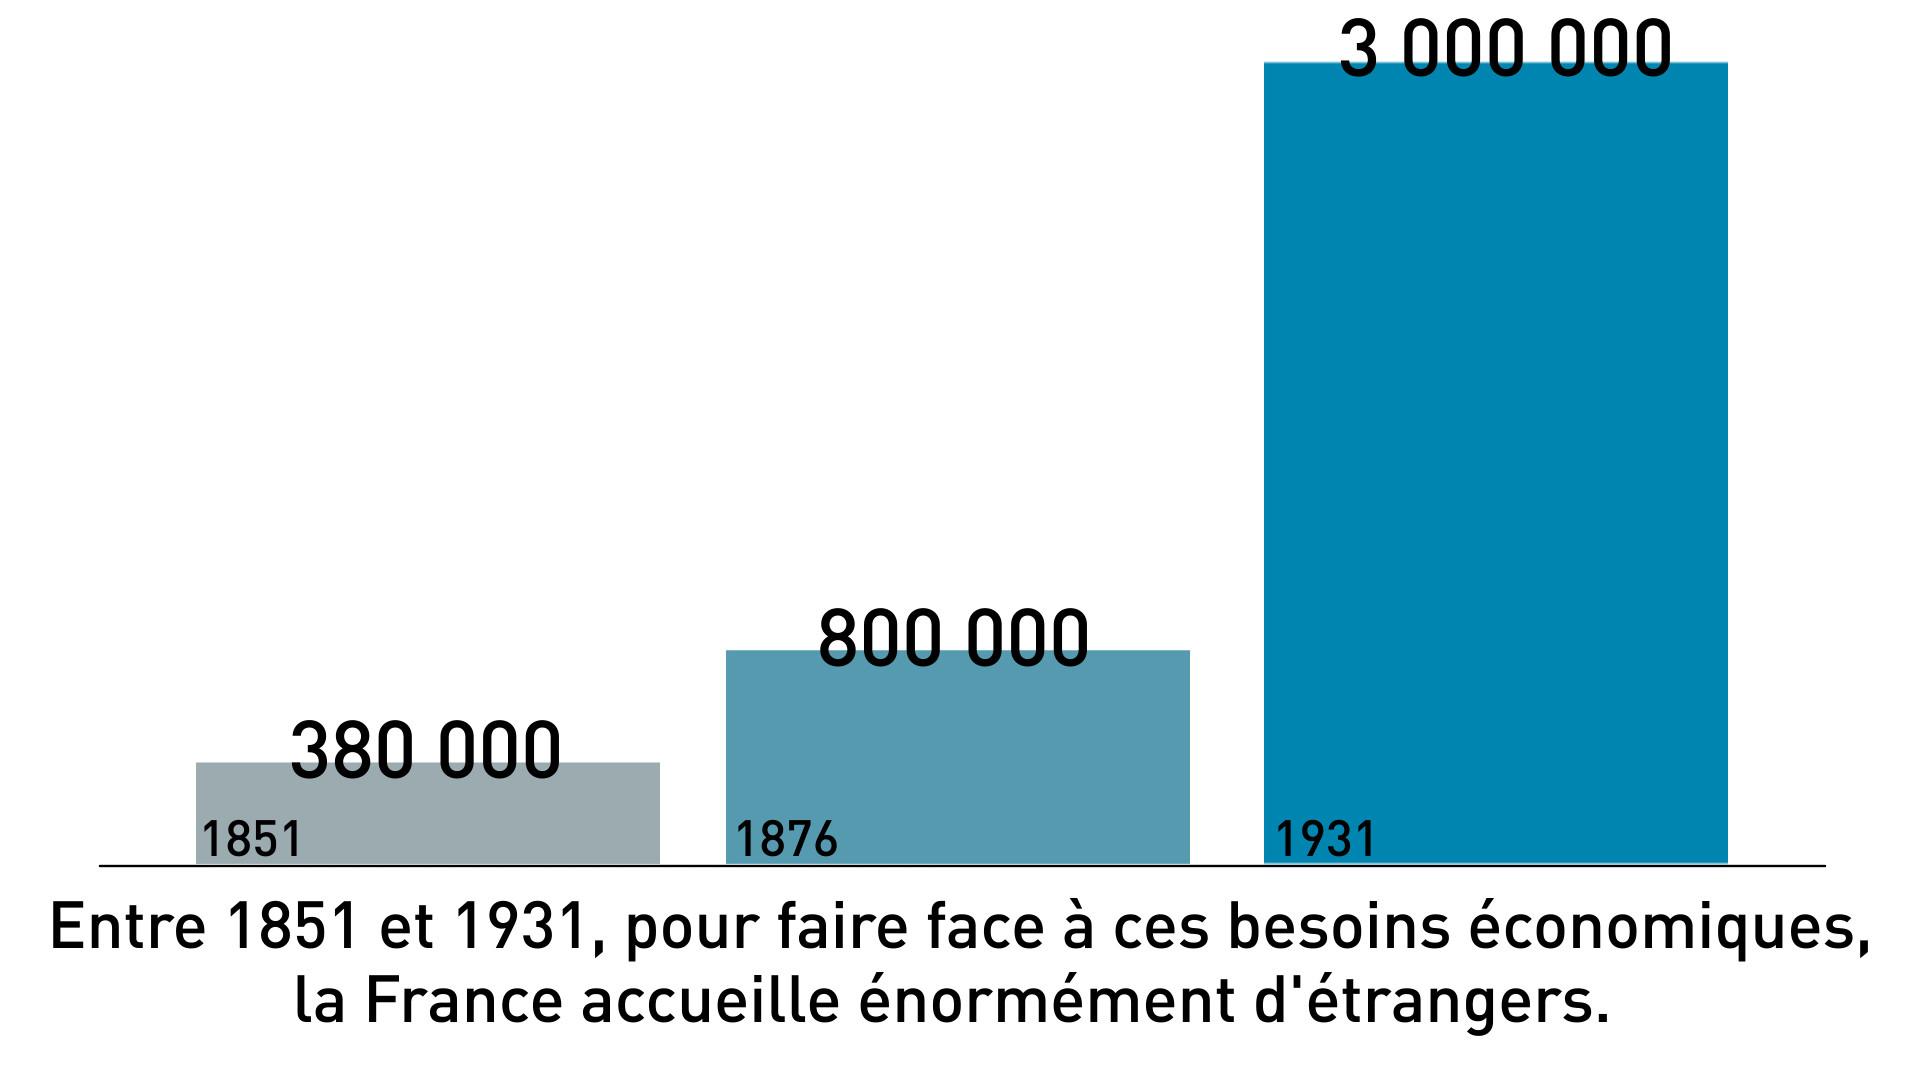 France : immigration de 1851 à 1931